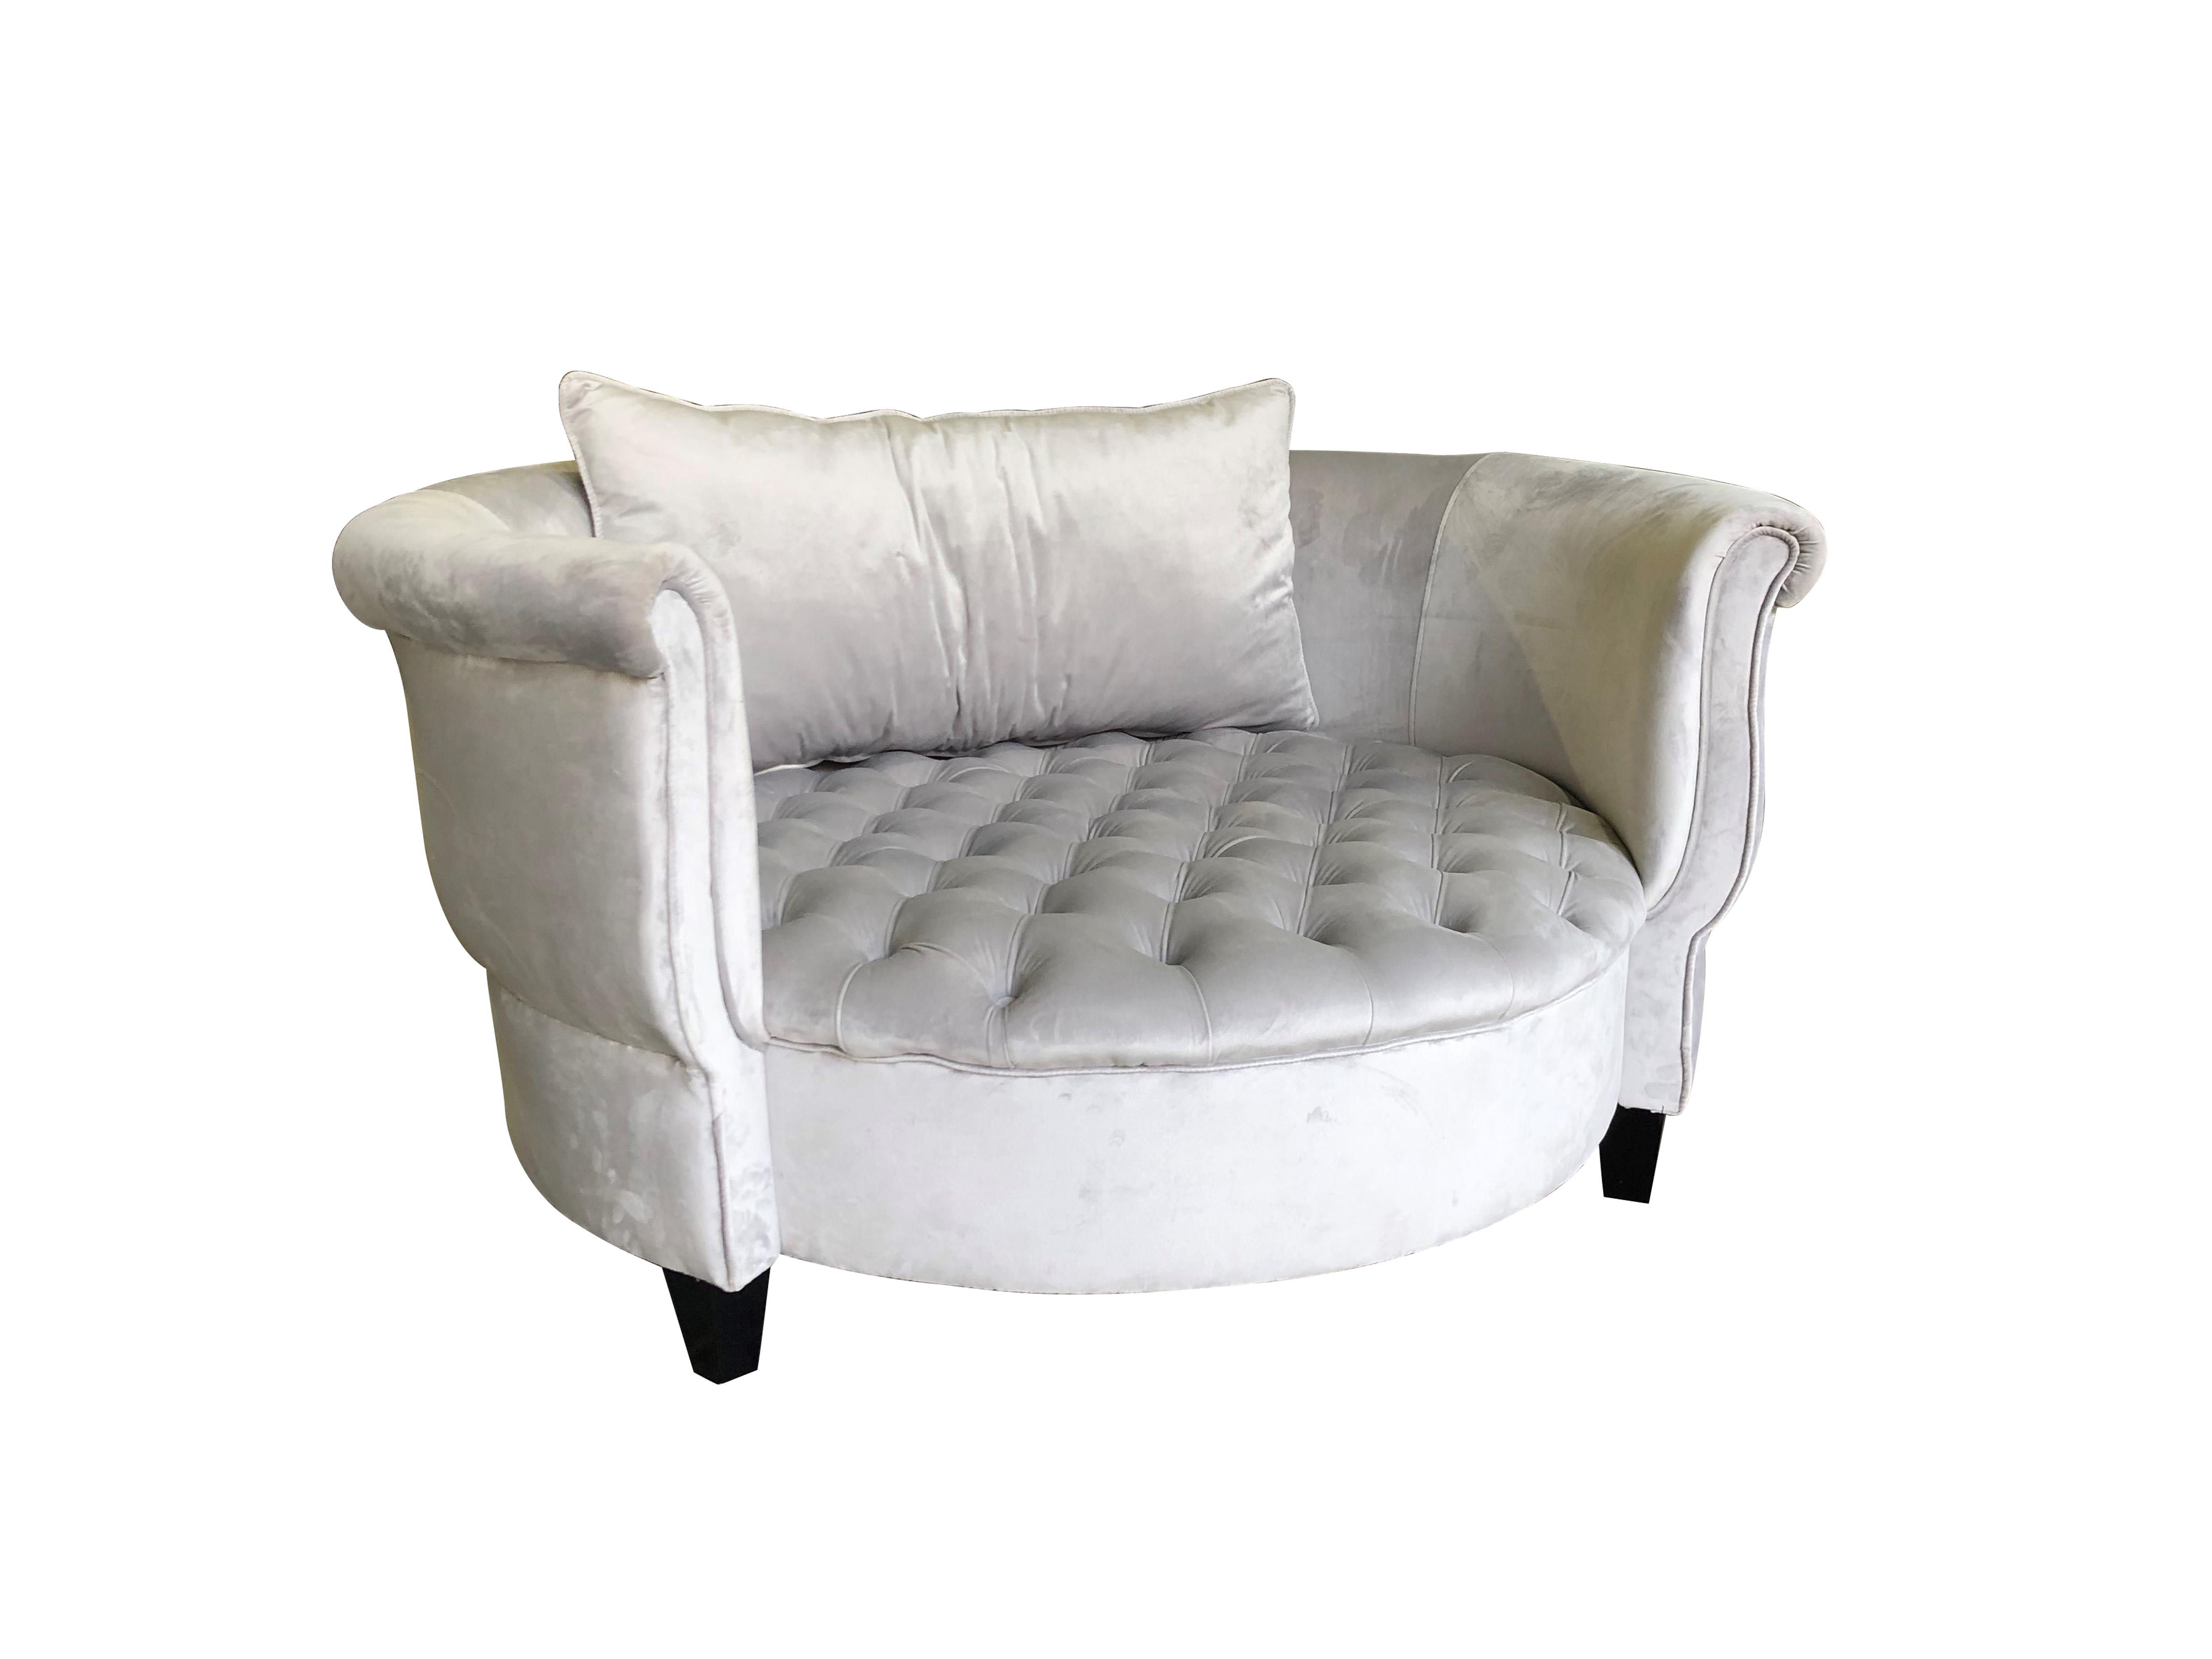 Dream Chair Gallery